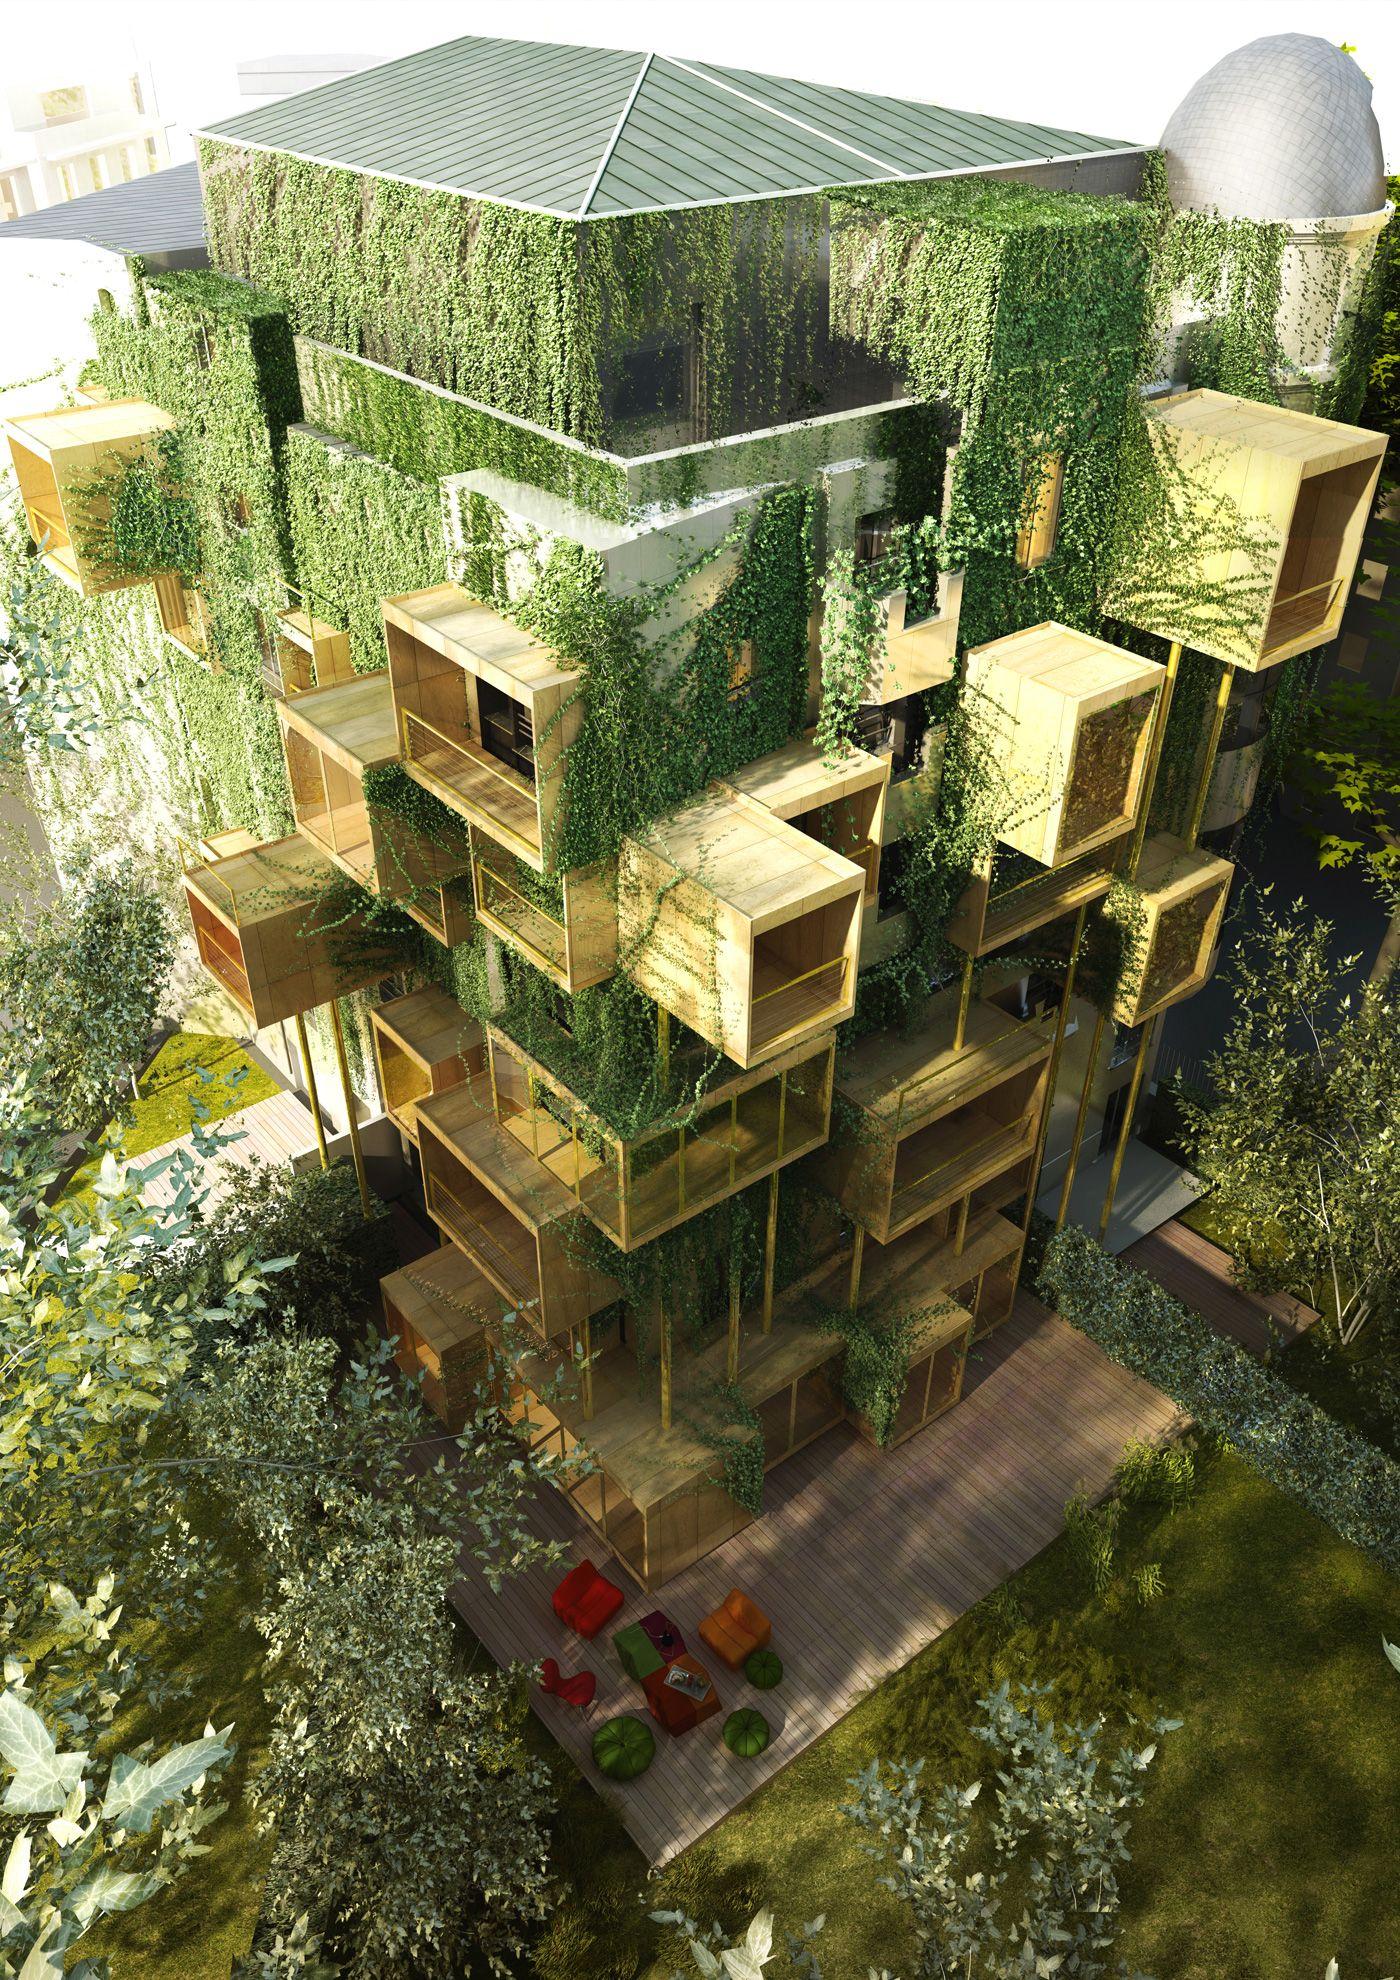 pingl par jean philippe larger sur architecture ext rieur pinterest immeuble. Black Bedroom Furniture Sets. Home Design Ideas